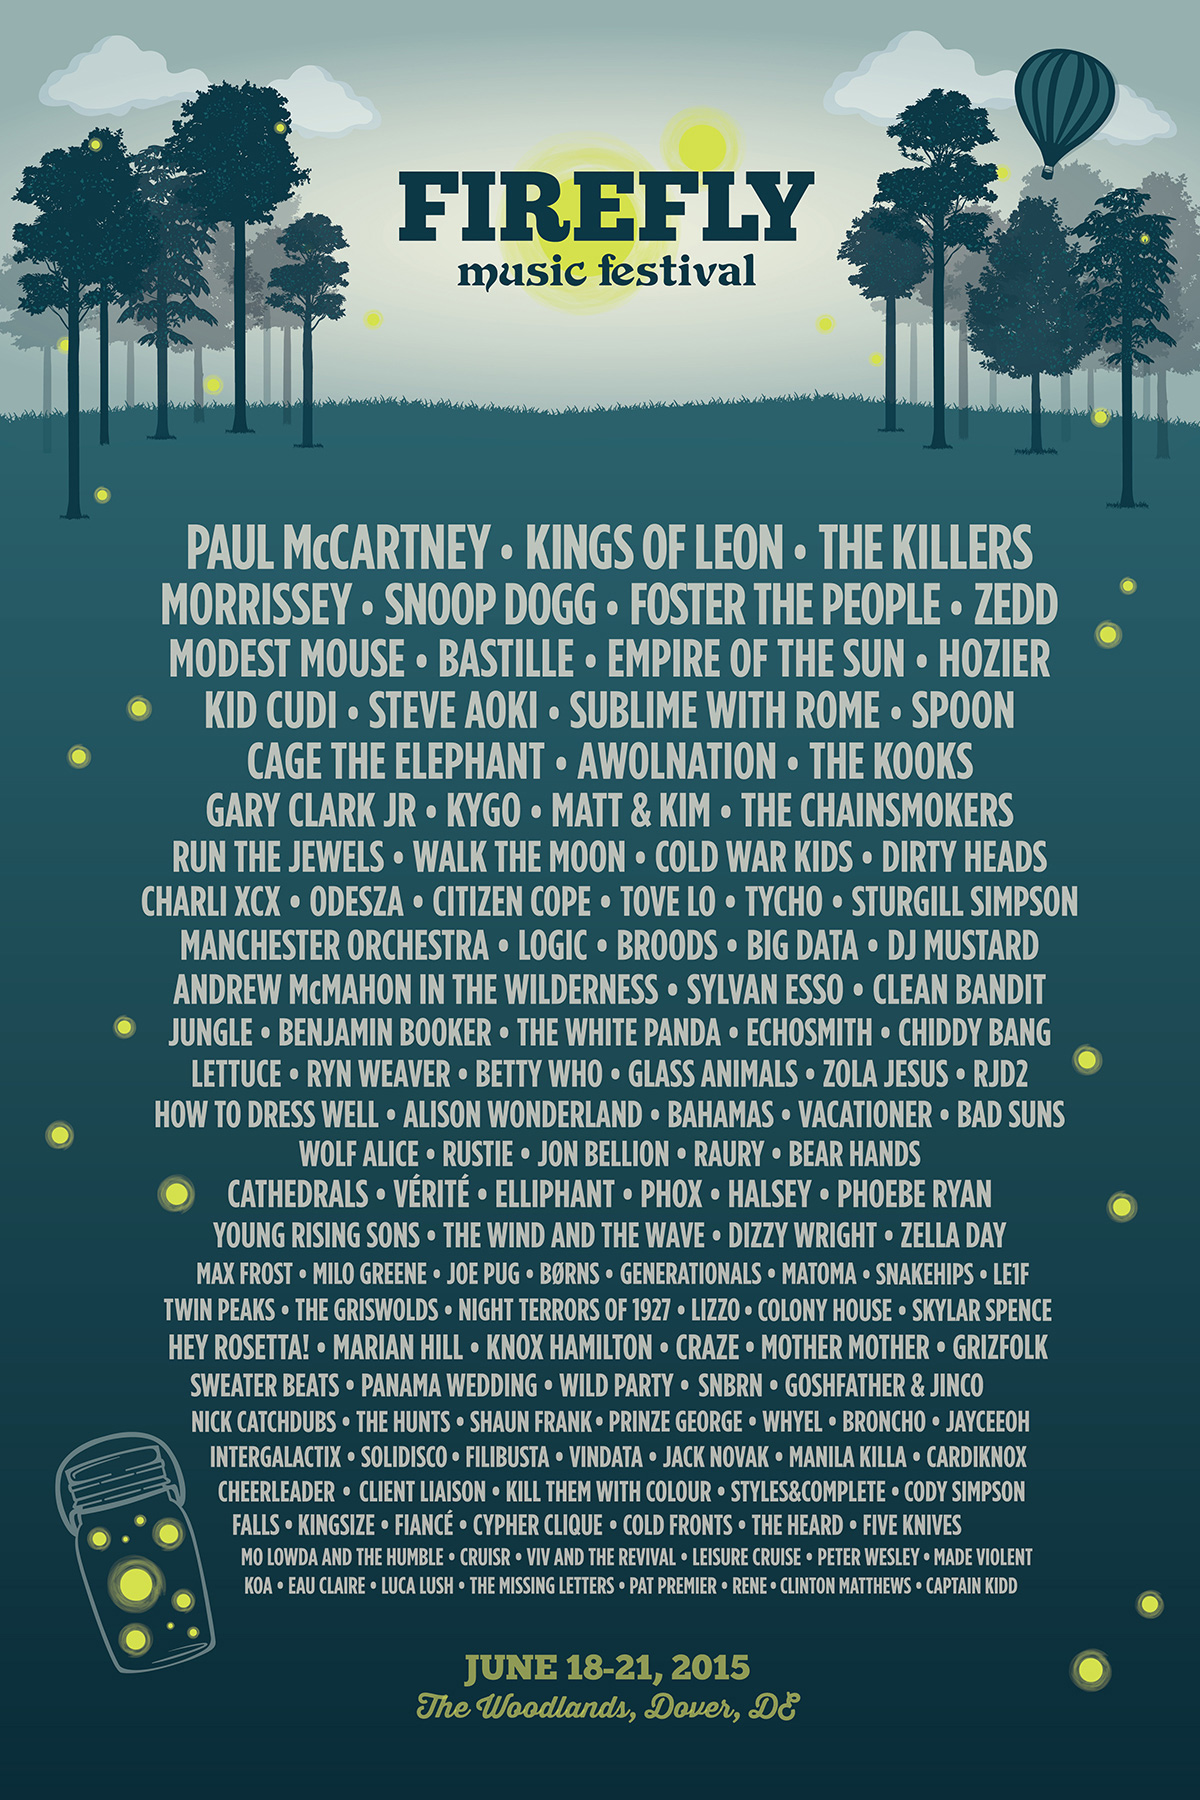 Firefly Music Festival 2015 poster